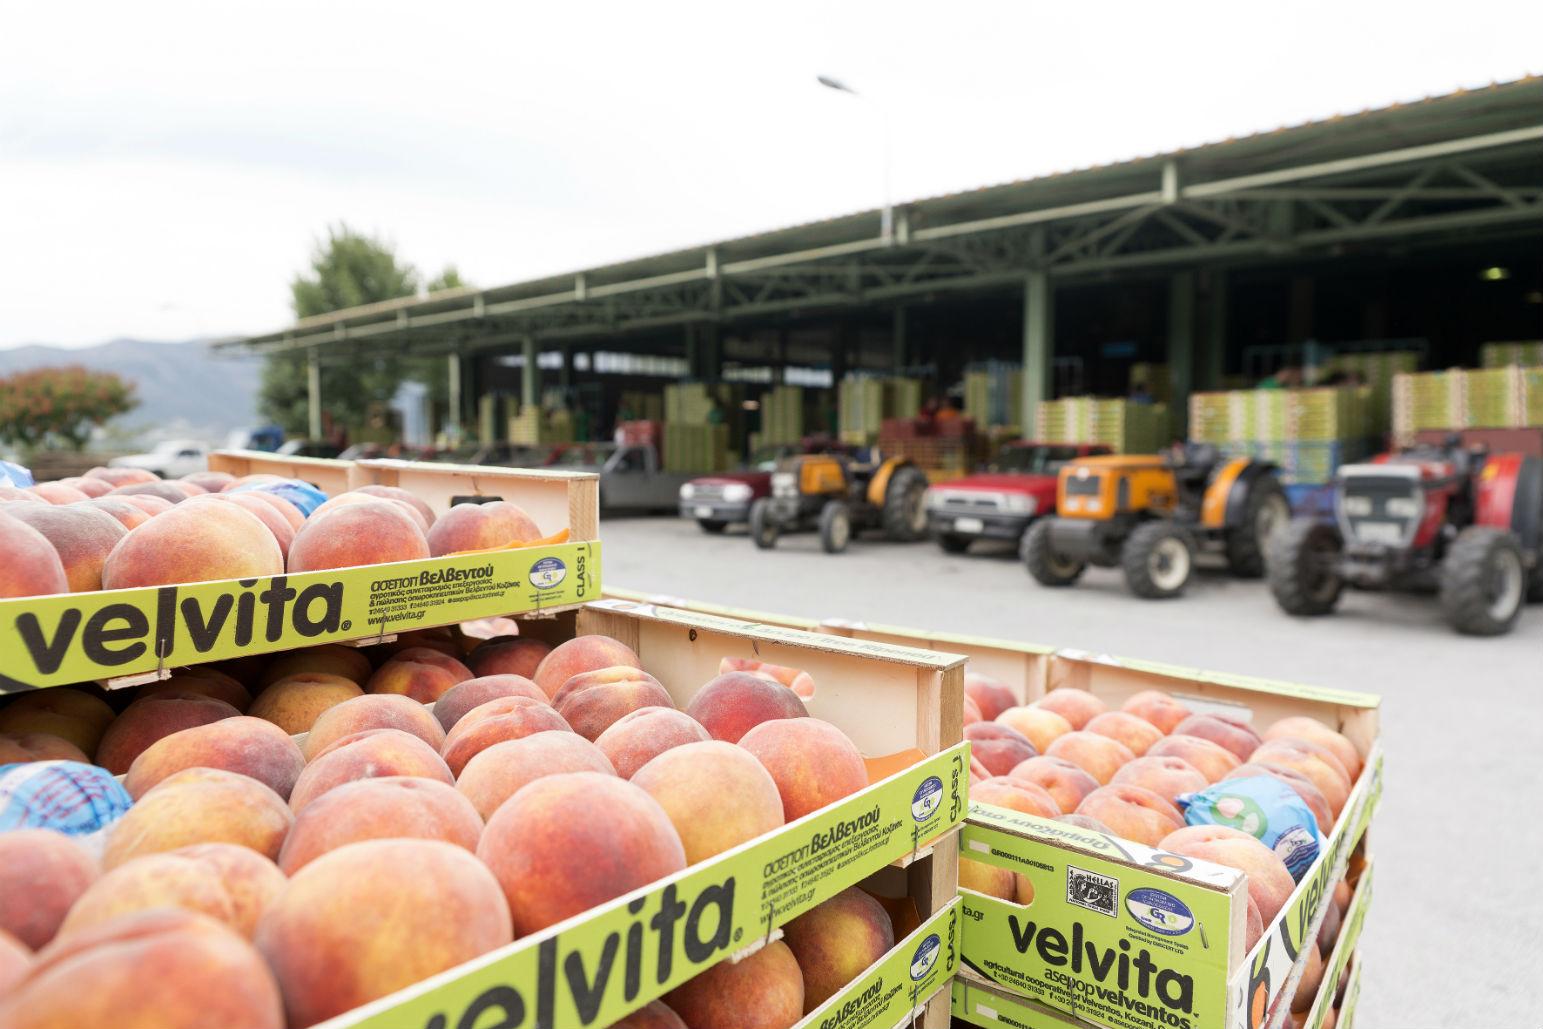 Πώς o Αγροτικός Συνεταιρισμός Βελβεντού έγινε στρατηγικός συνεργάτης της Lidl